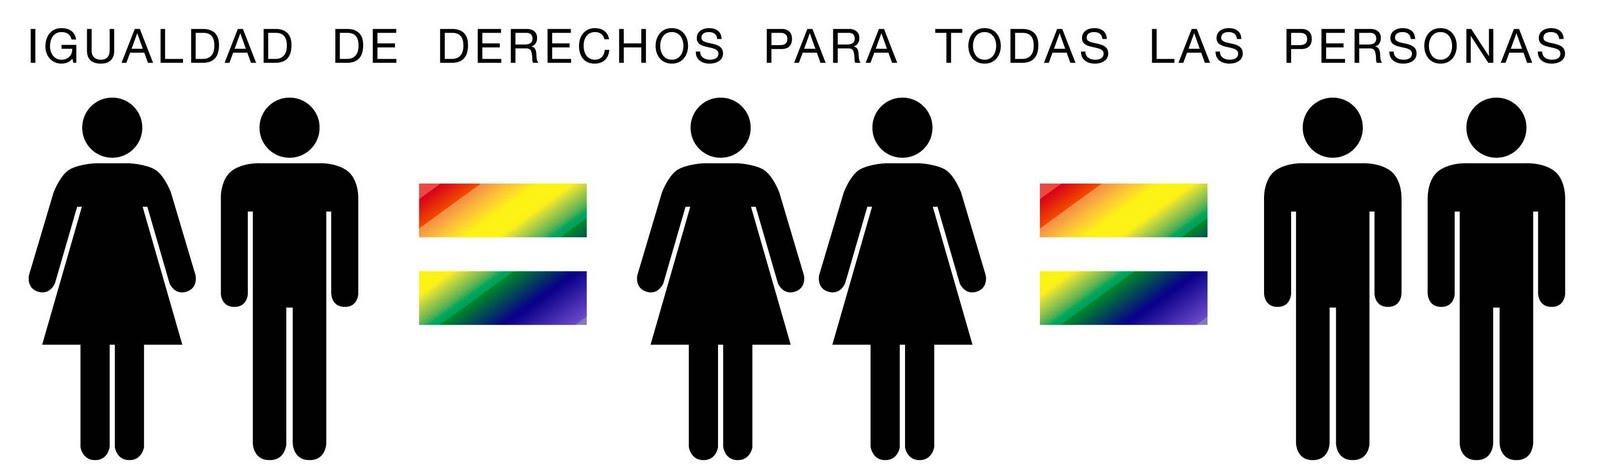 Huckabee y la igualdad gay